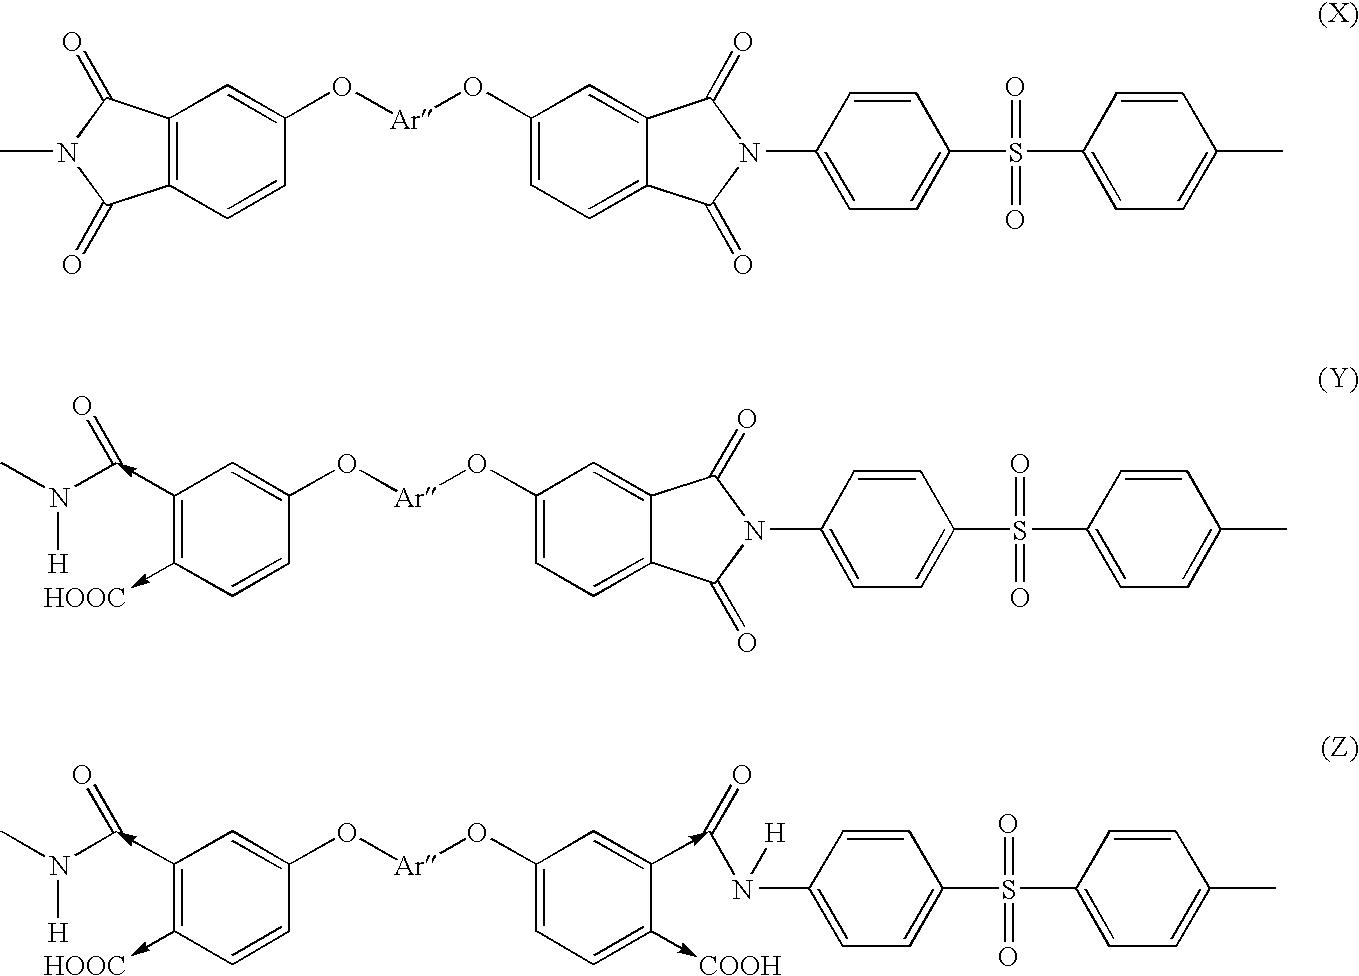 Figure US20100273957A1-20101028-C00043